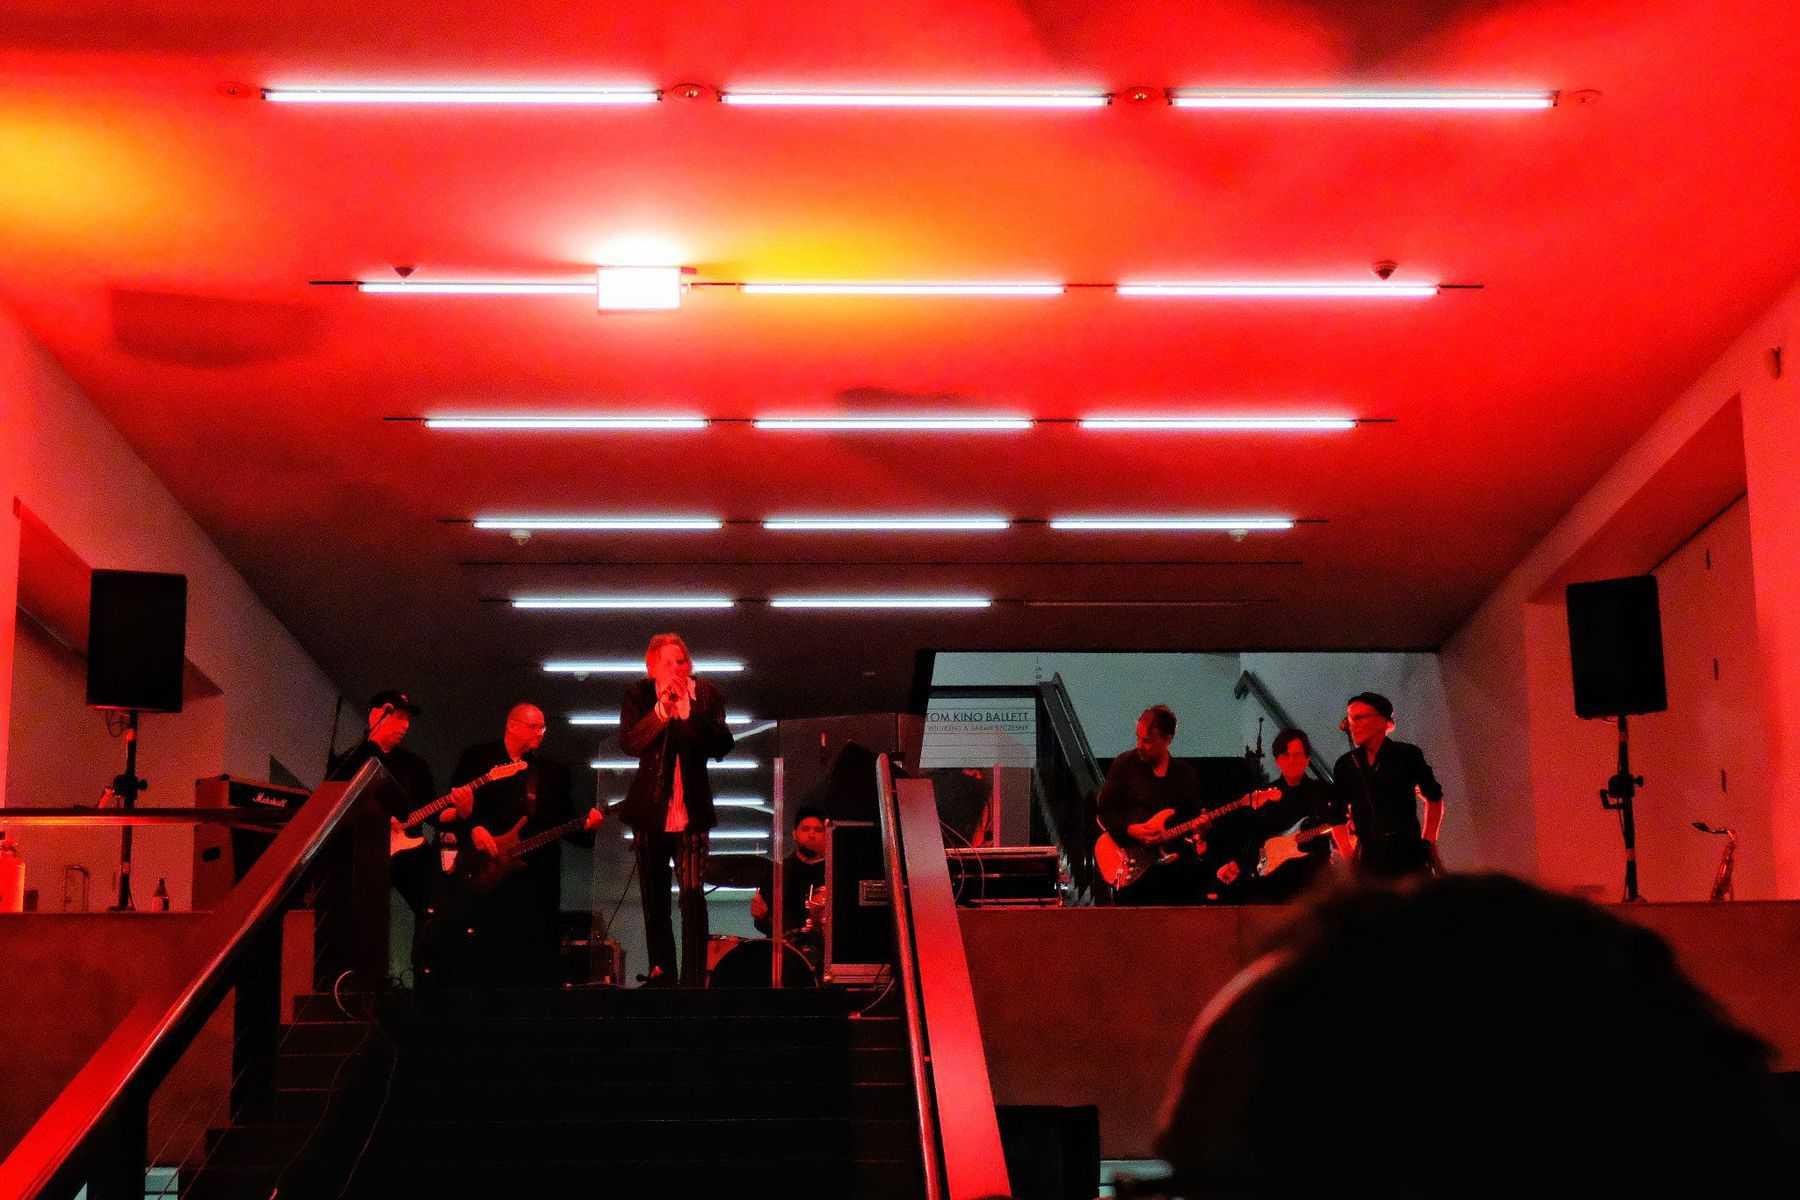 Geschichte wird gemacht: Family*5 im Treppenhaus der Kunsthalle